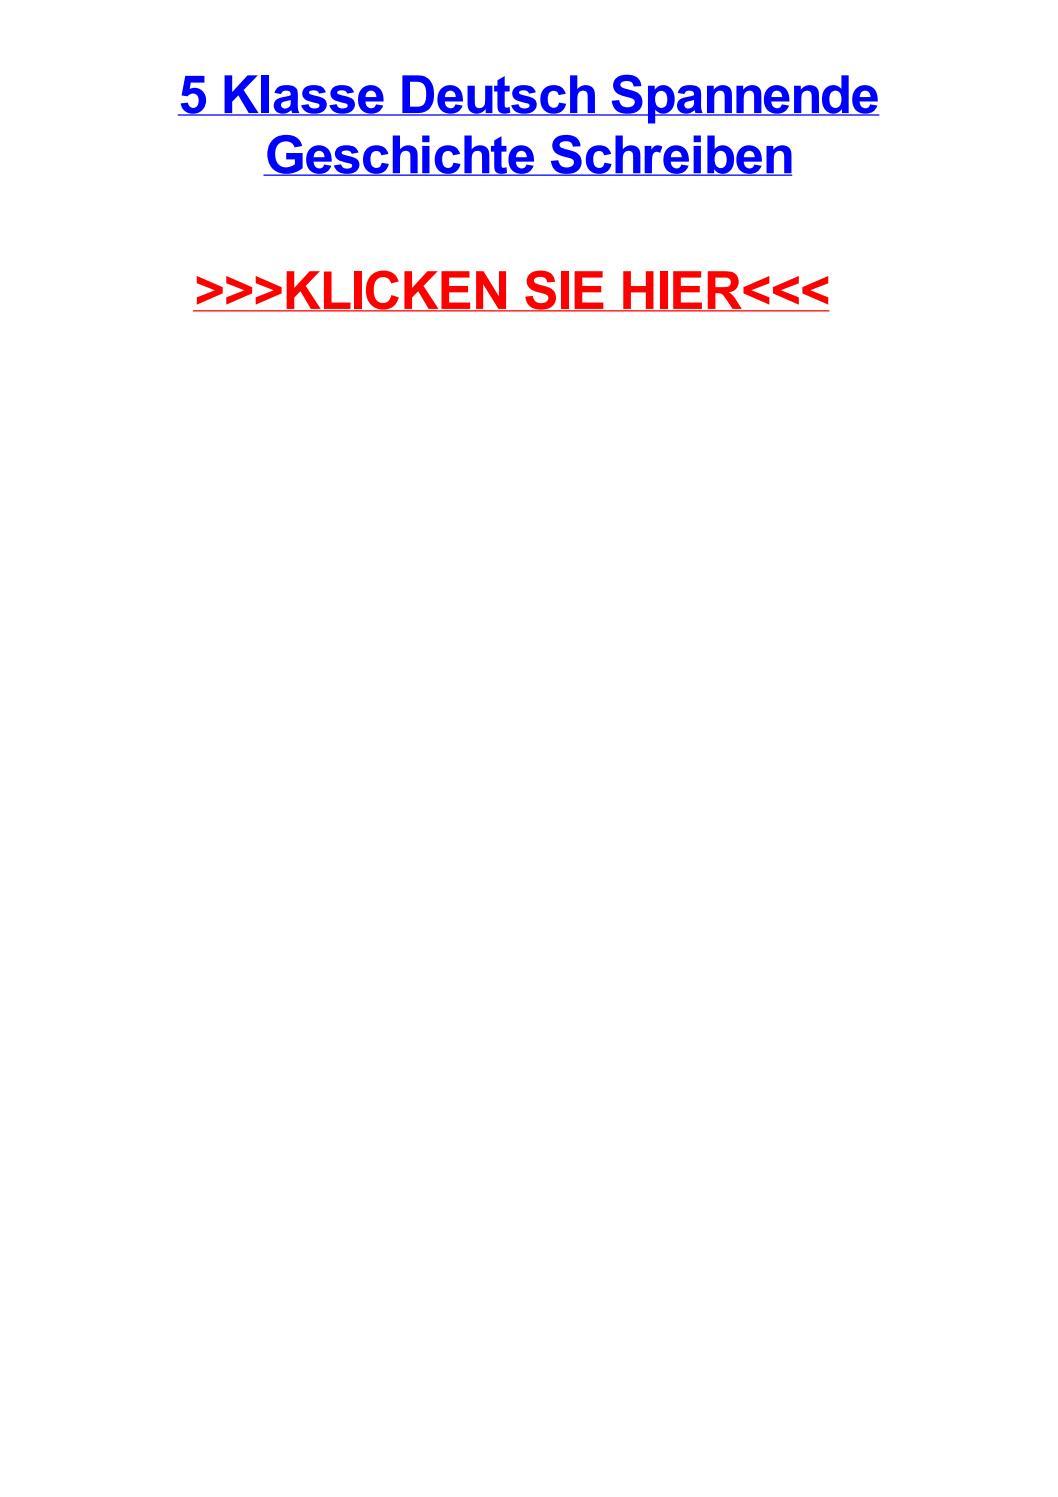 20 klasse deutsch spannende geschichte schreiben by kevinkbrqf   issuu